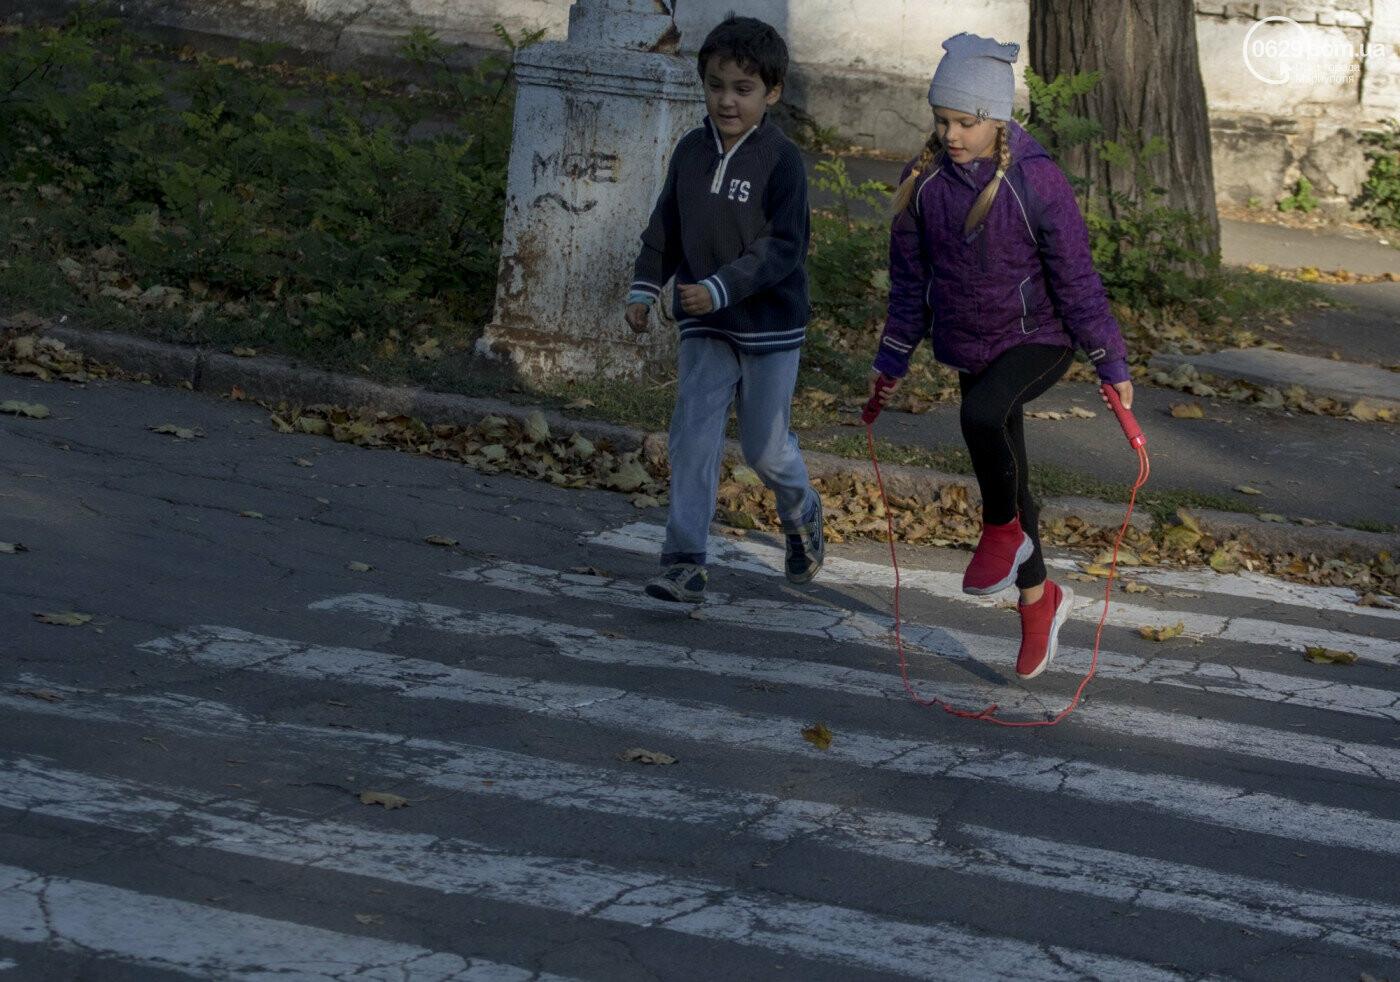 20 идей для Мариуполя, которые сделают его лучше и комфортнее, фото-3